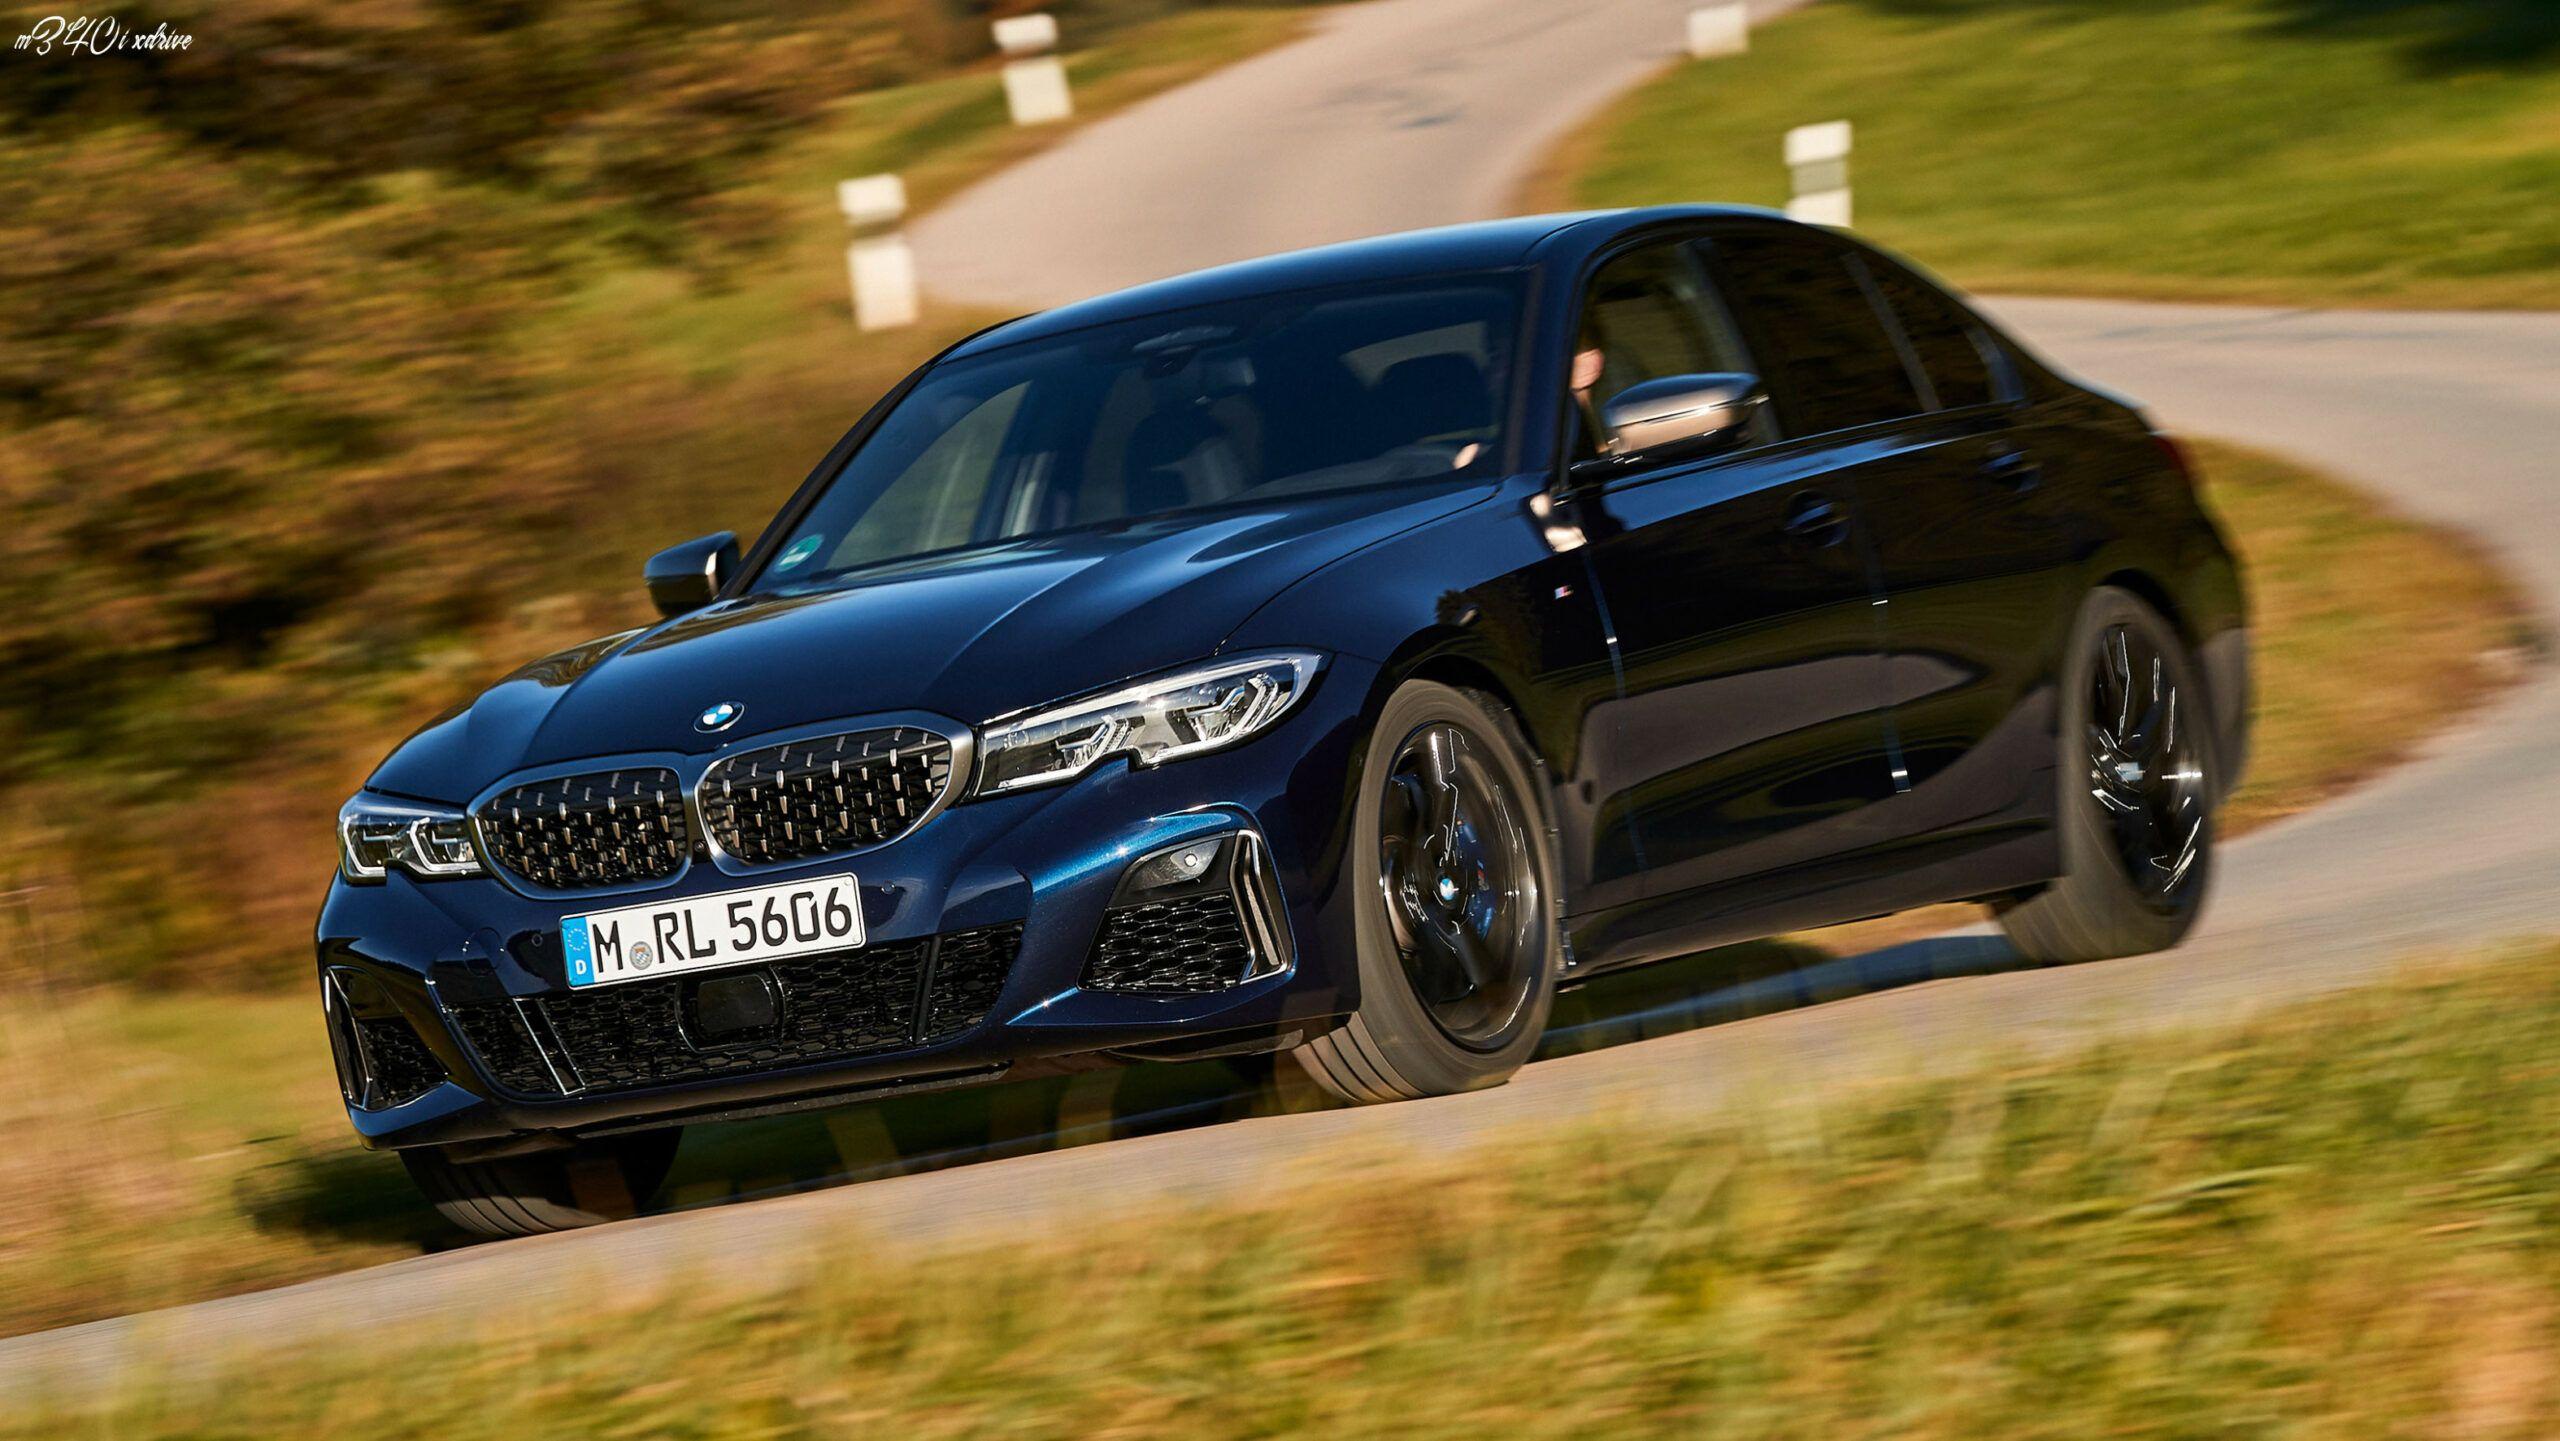 M340i Xdrive In 2020 Sports Car Bmw Bmw Car